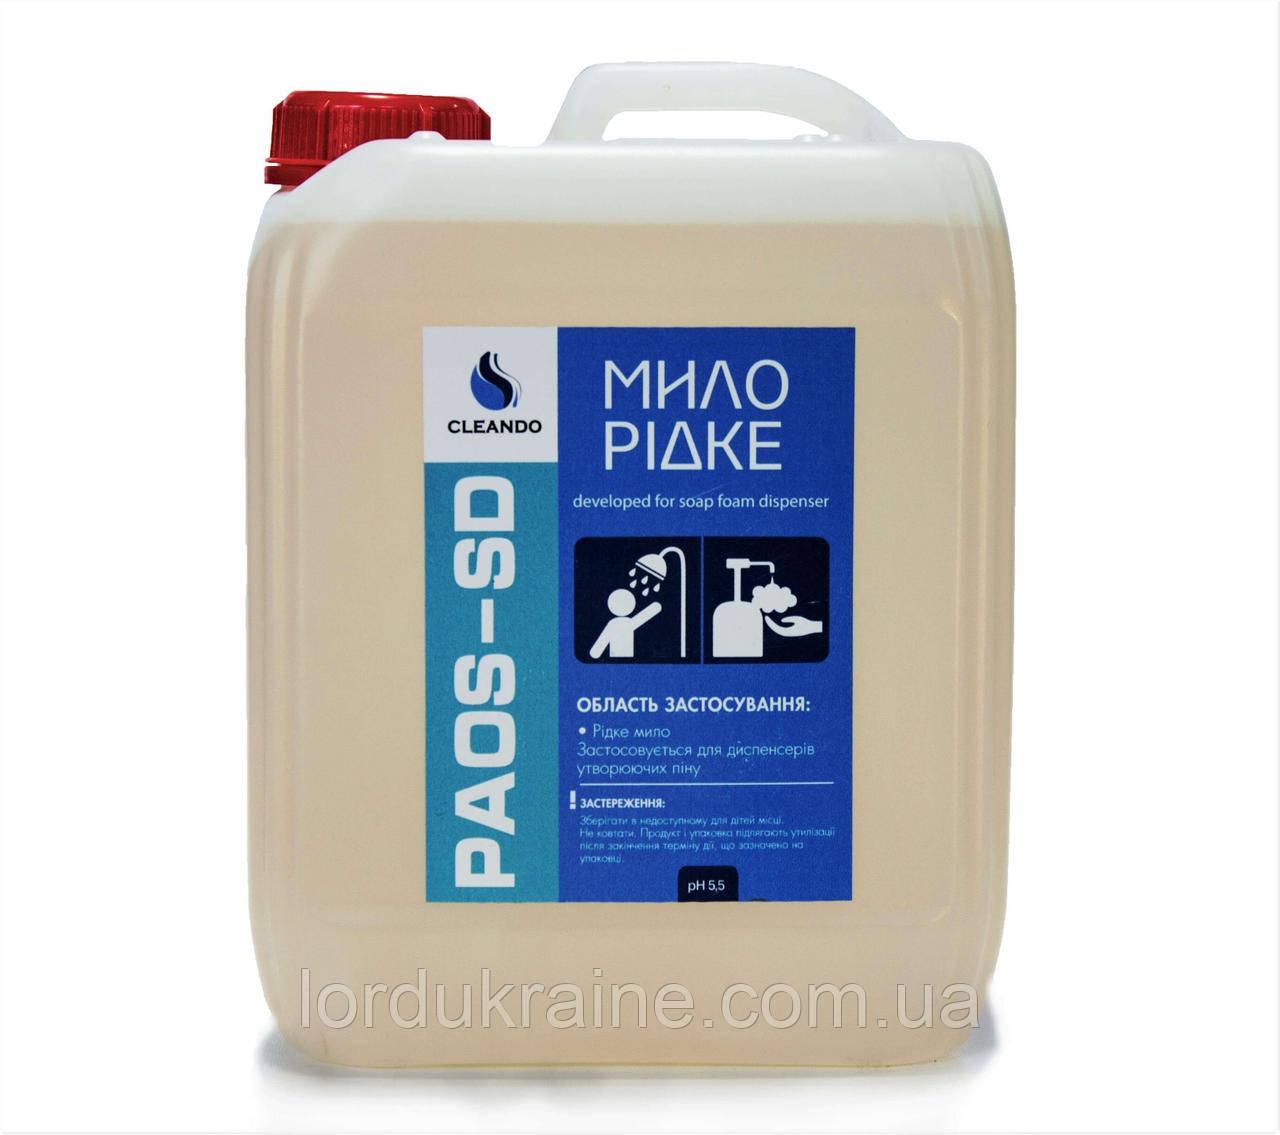 Жидкое мыло для диспенсеров PAOS - SD (5 л.) Cleando